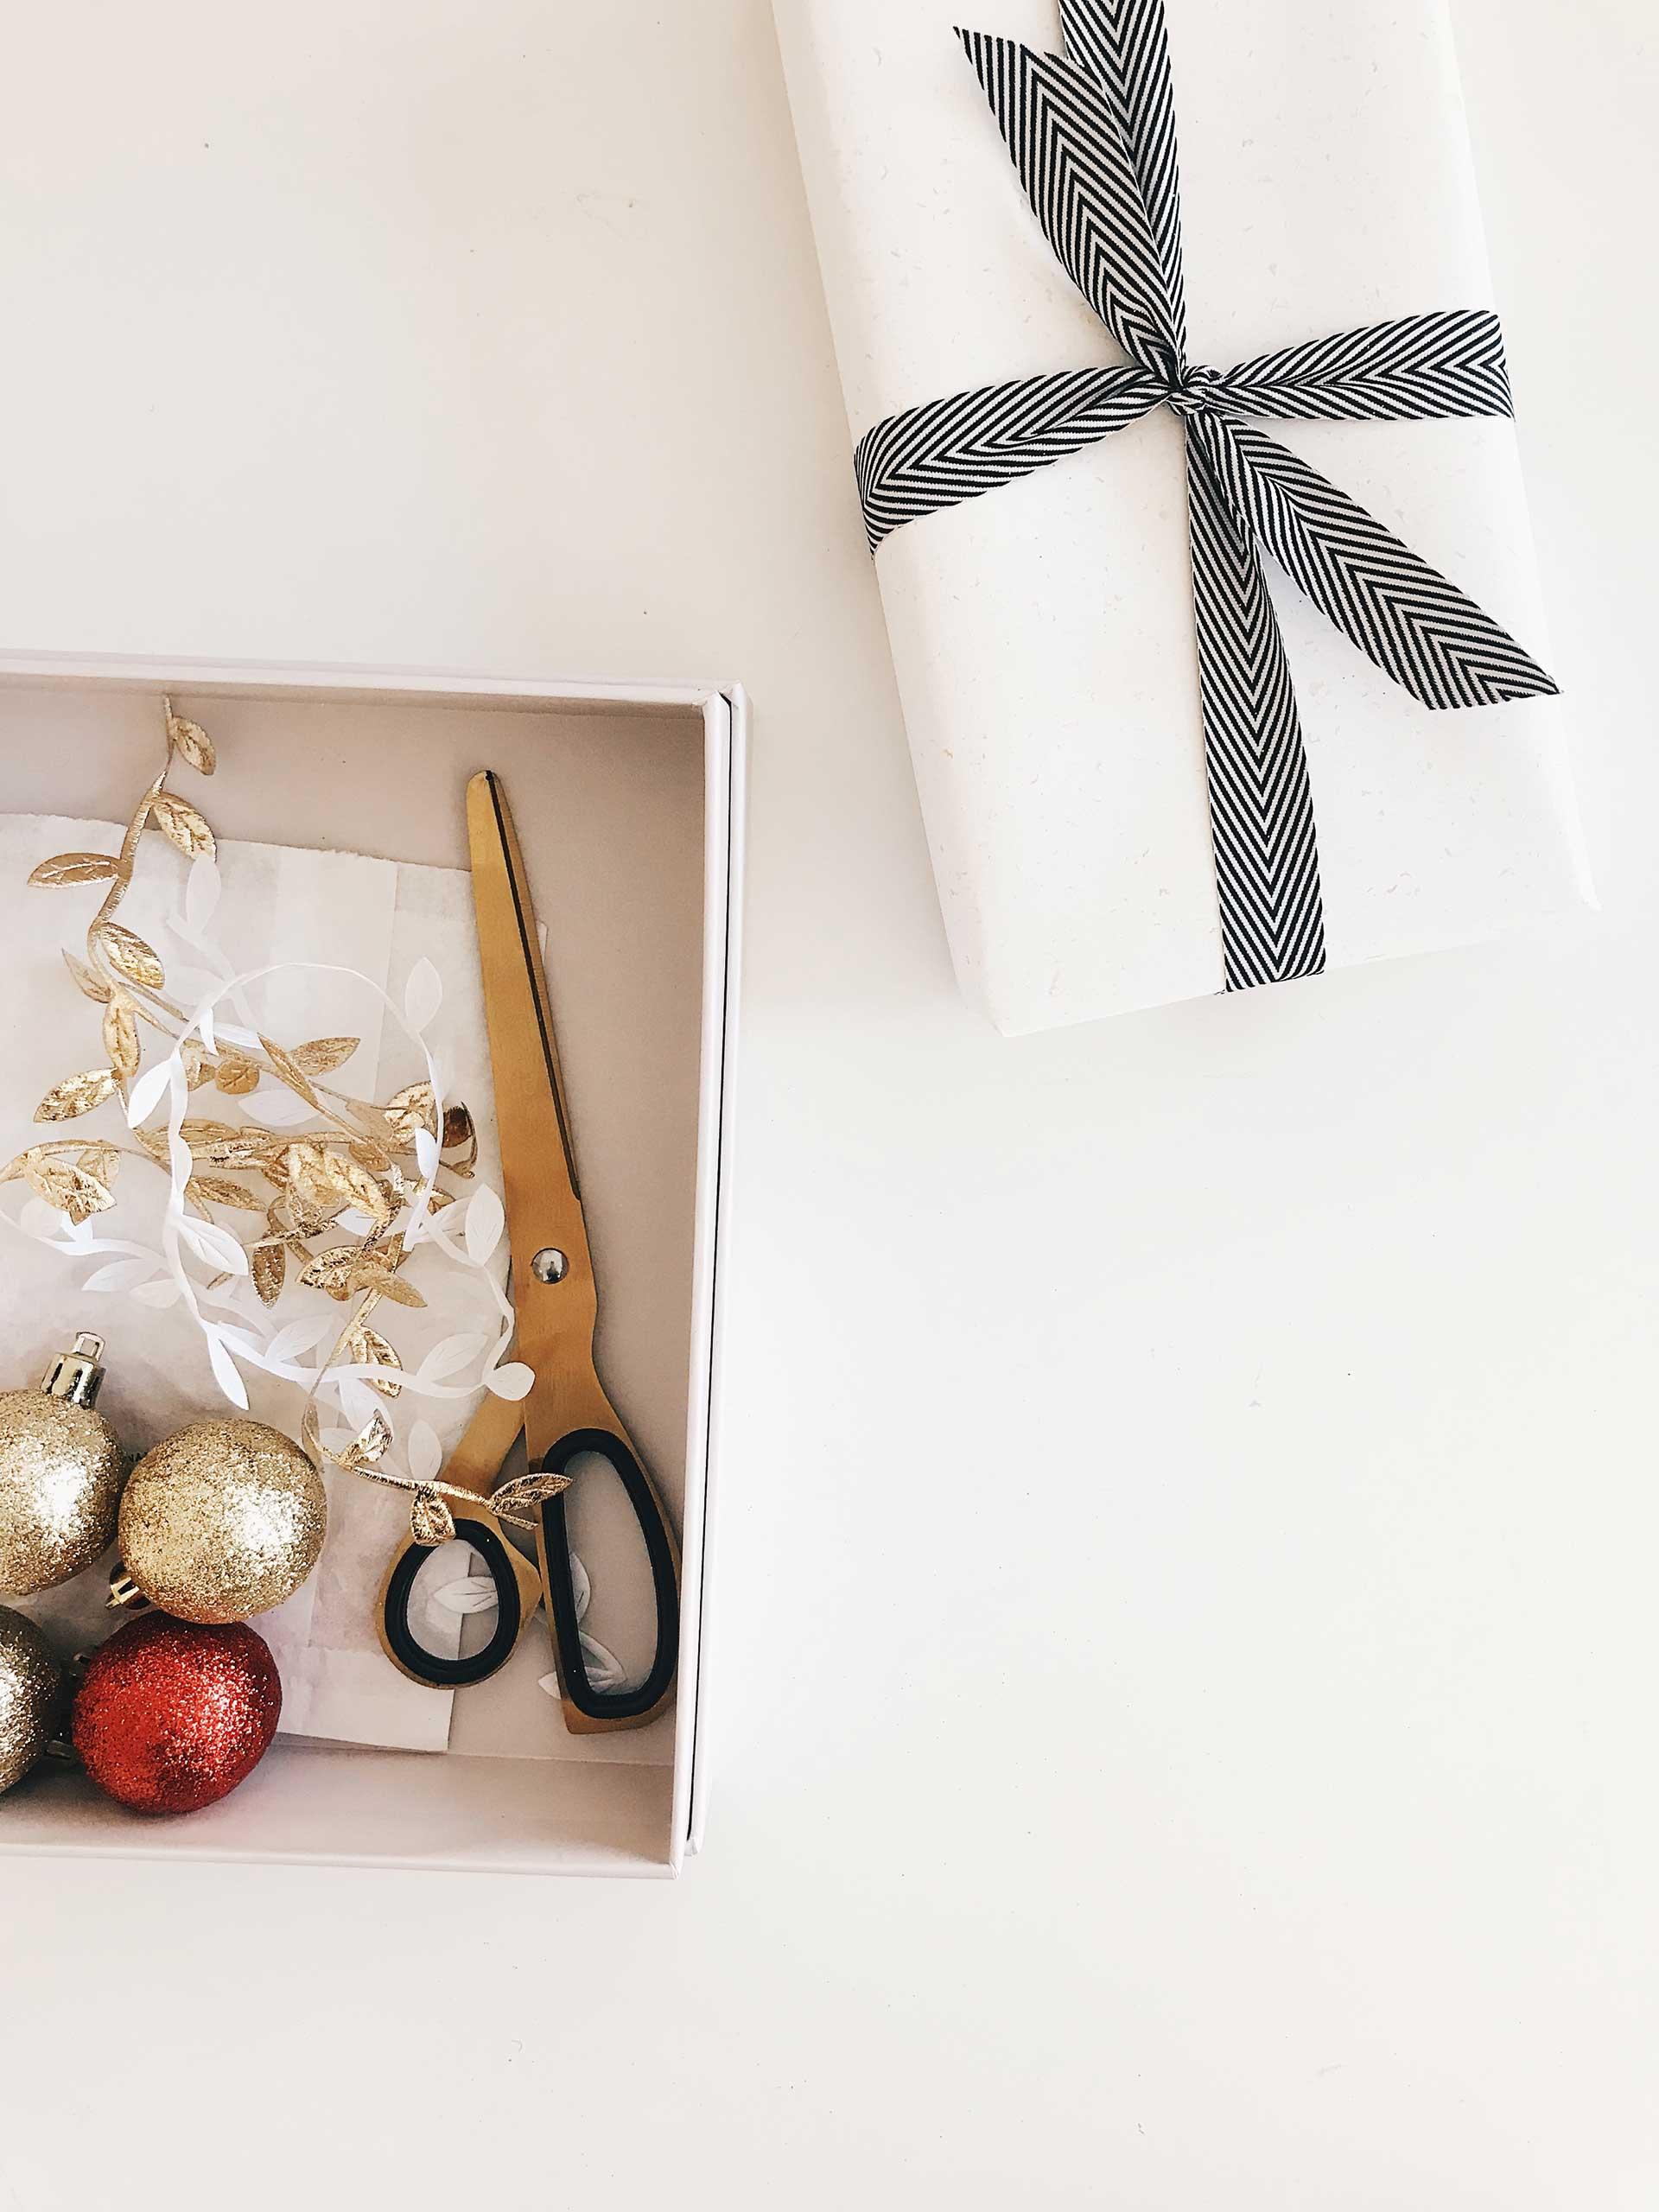 Du bist auf der Suche nach einem Adventskalender für Paare, für Frauen oder Männer? Auf dem Blog findest du 29 schöne Adventskalender für Erwachsene. Außerdem auch DIY-Ideen, wenn du einen Adventskalender selber machen möchtest. Da kann der Advent 2019 kommen! www.whoismocca.com #adventskalender #advent